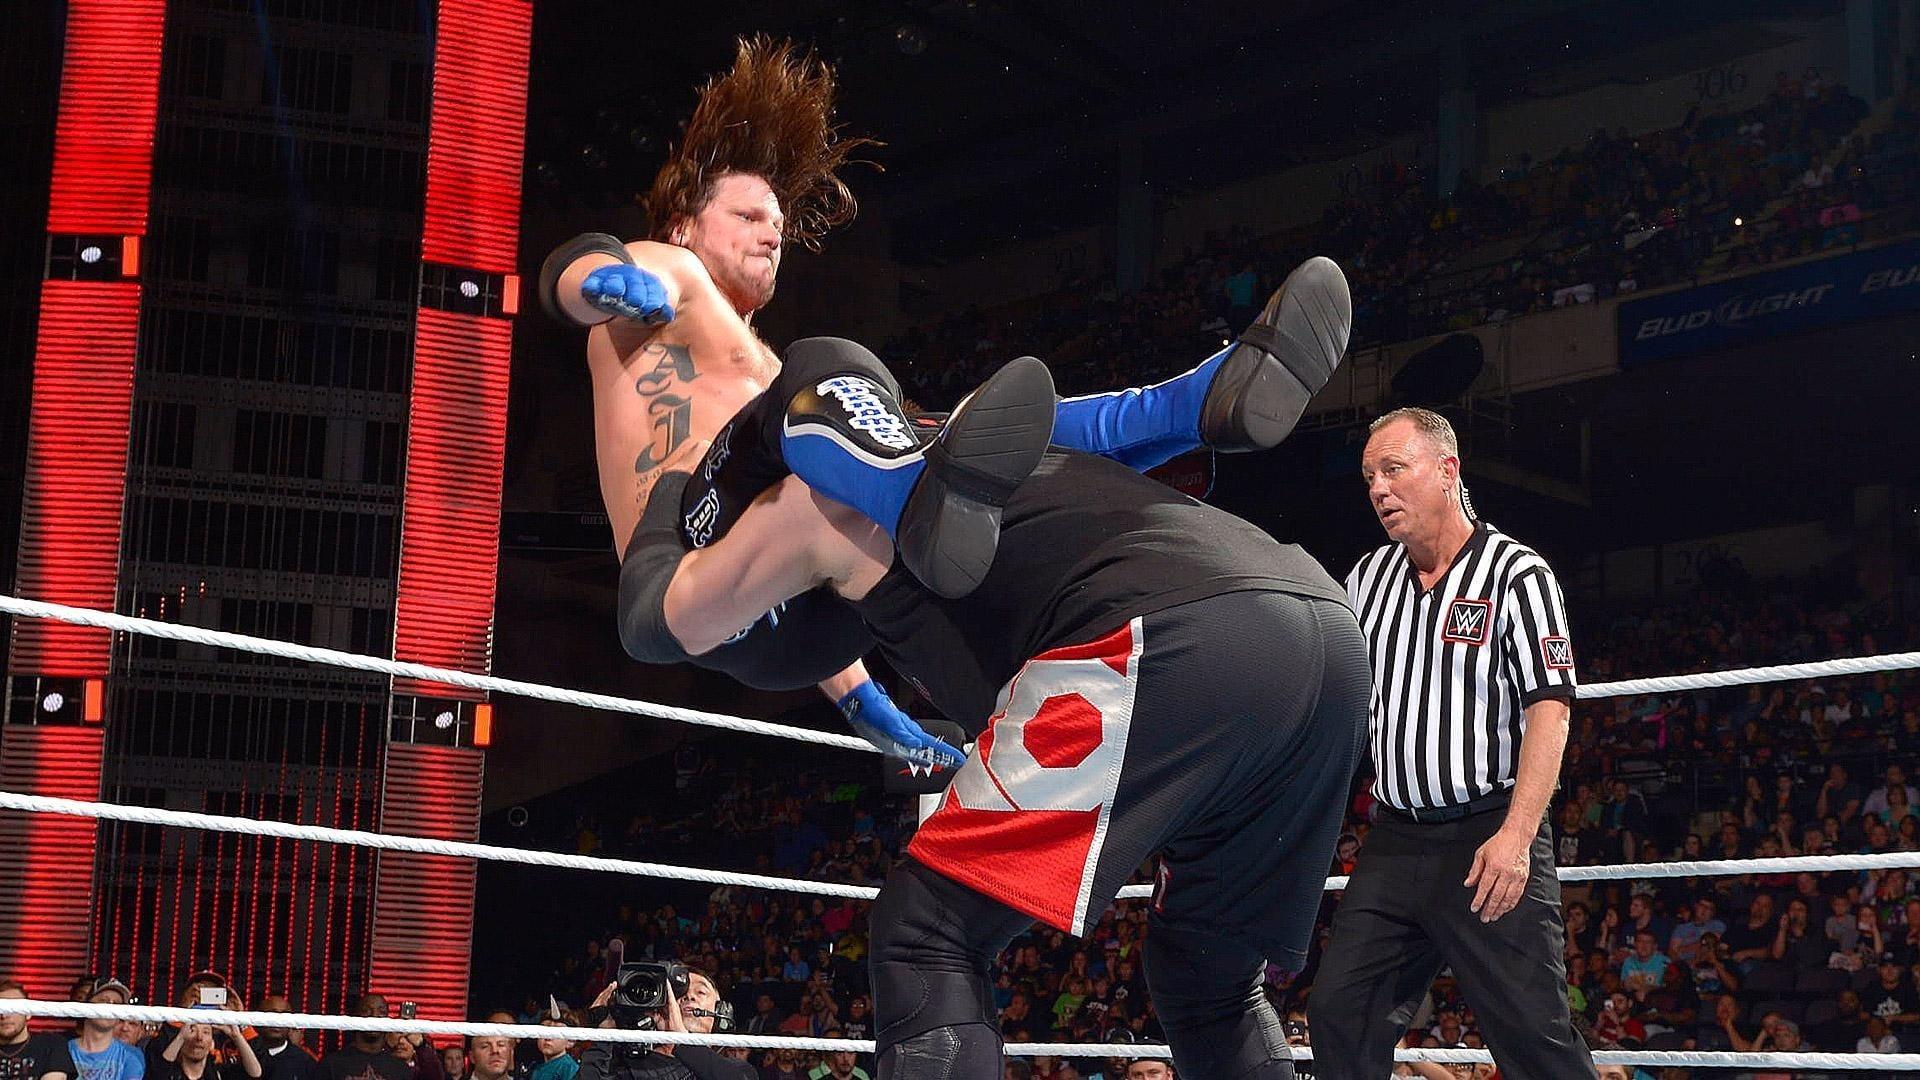 WWE Raw Season 24 :Episode 21  May 23, 2016 (Baltimore, MD)